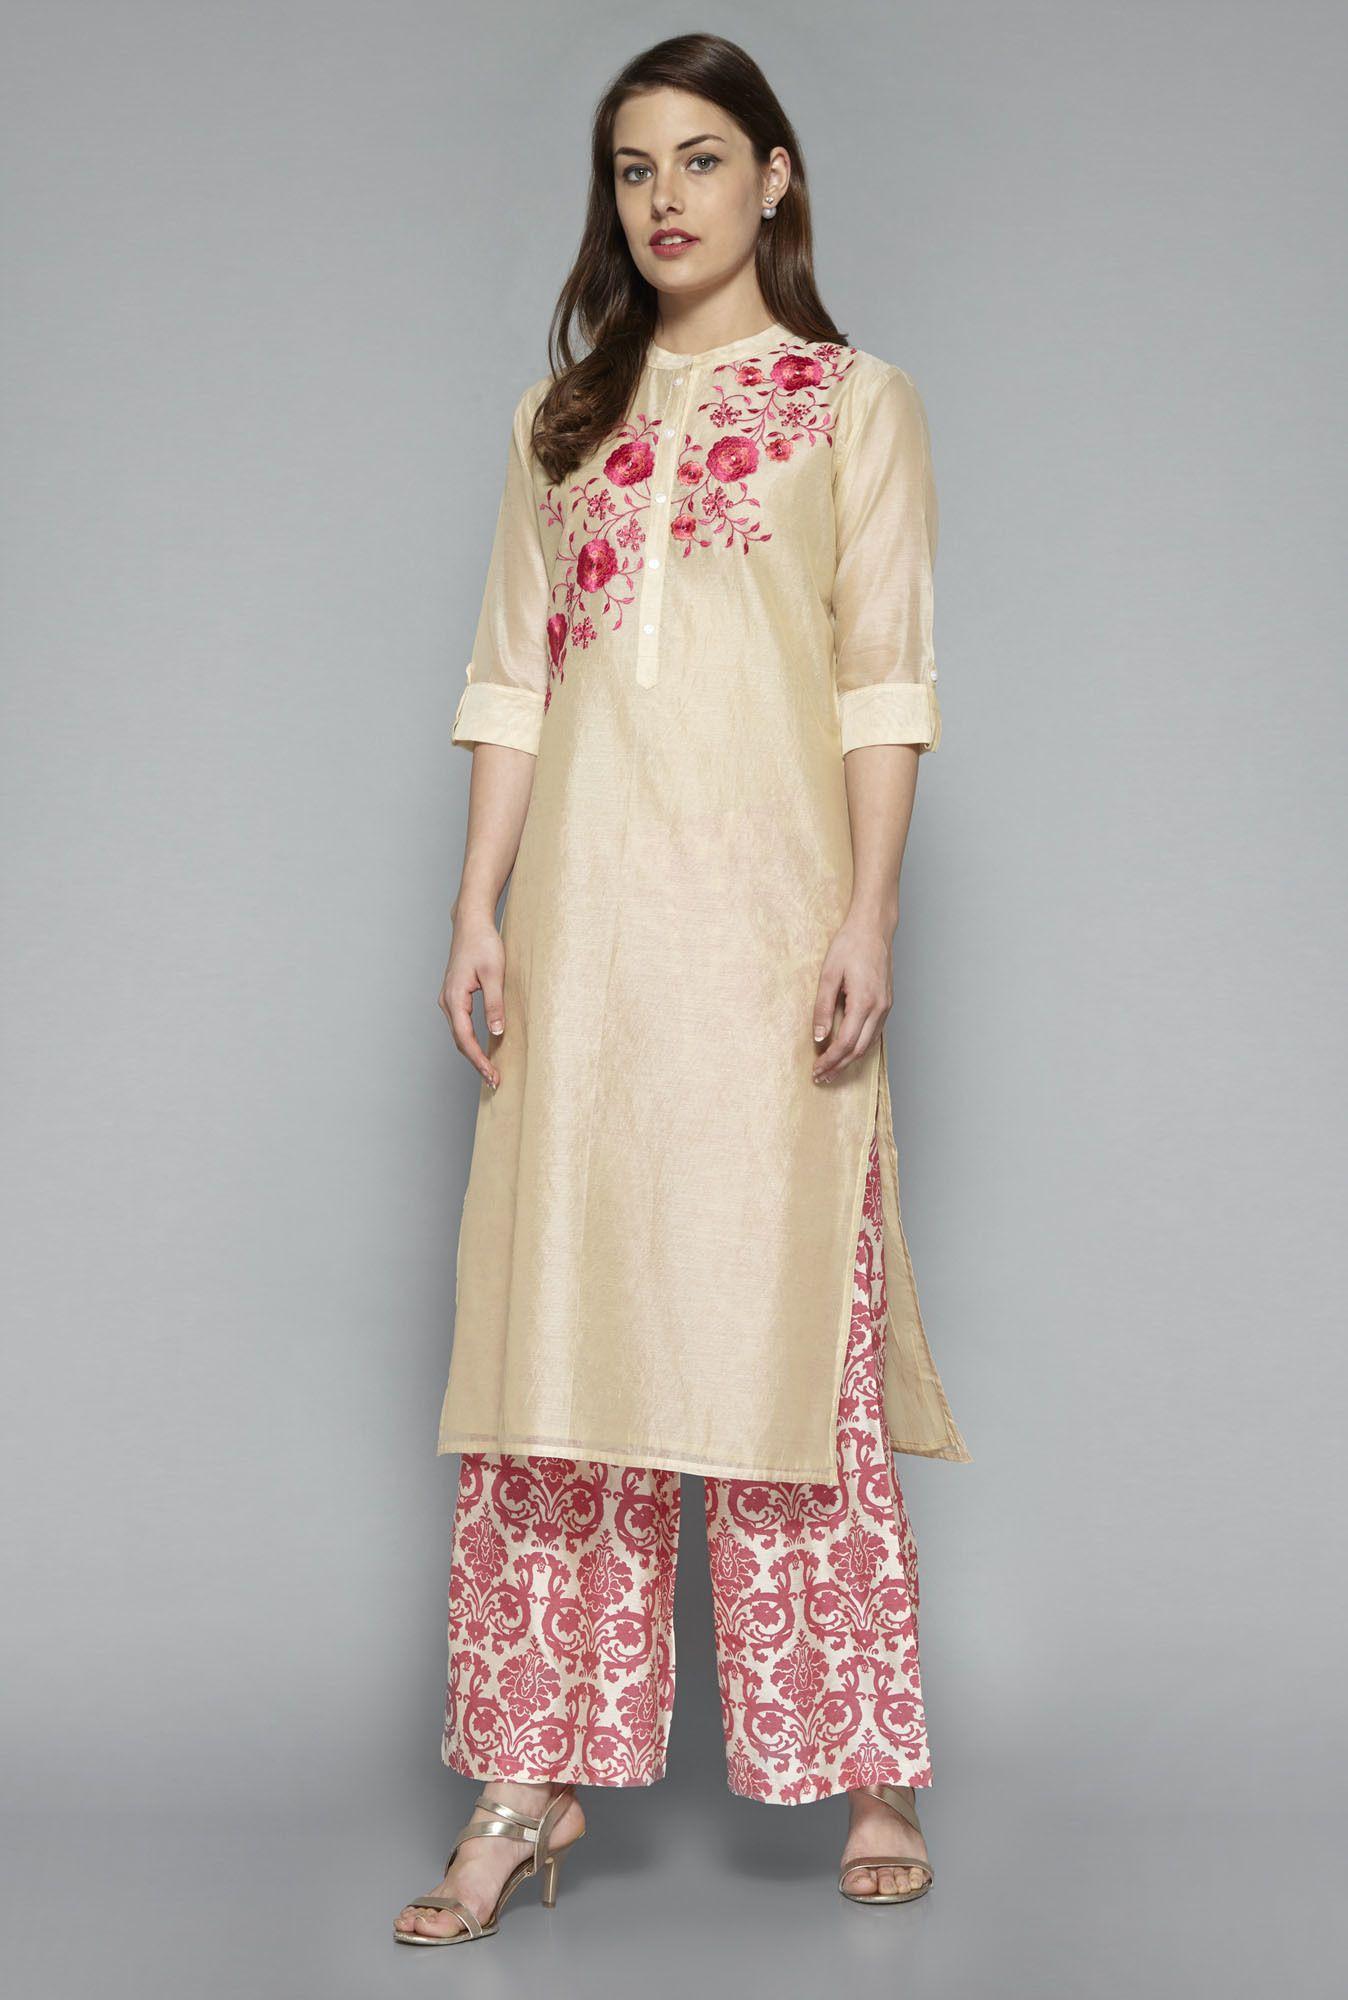 84cead8af ... Women Online @ Tata CLiQ. Vark by Westside Beige Embroidered Suit Set